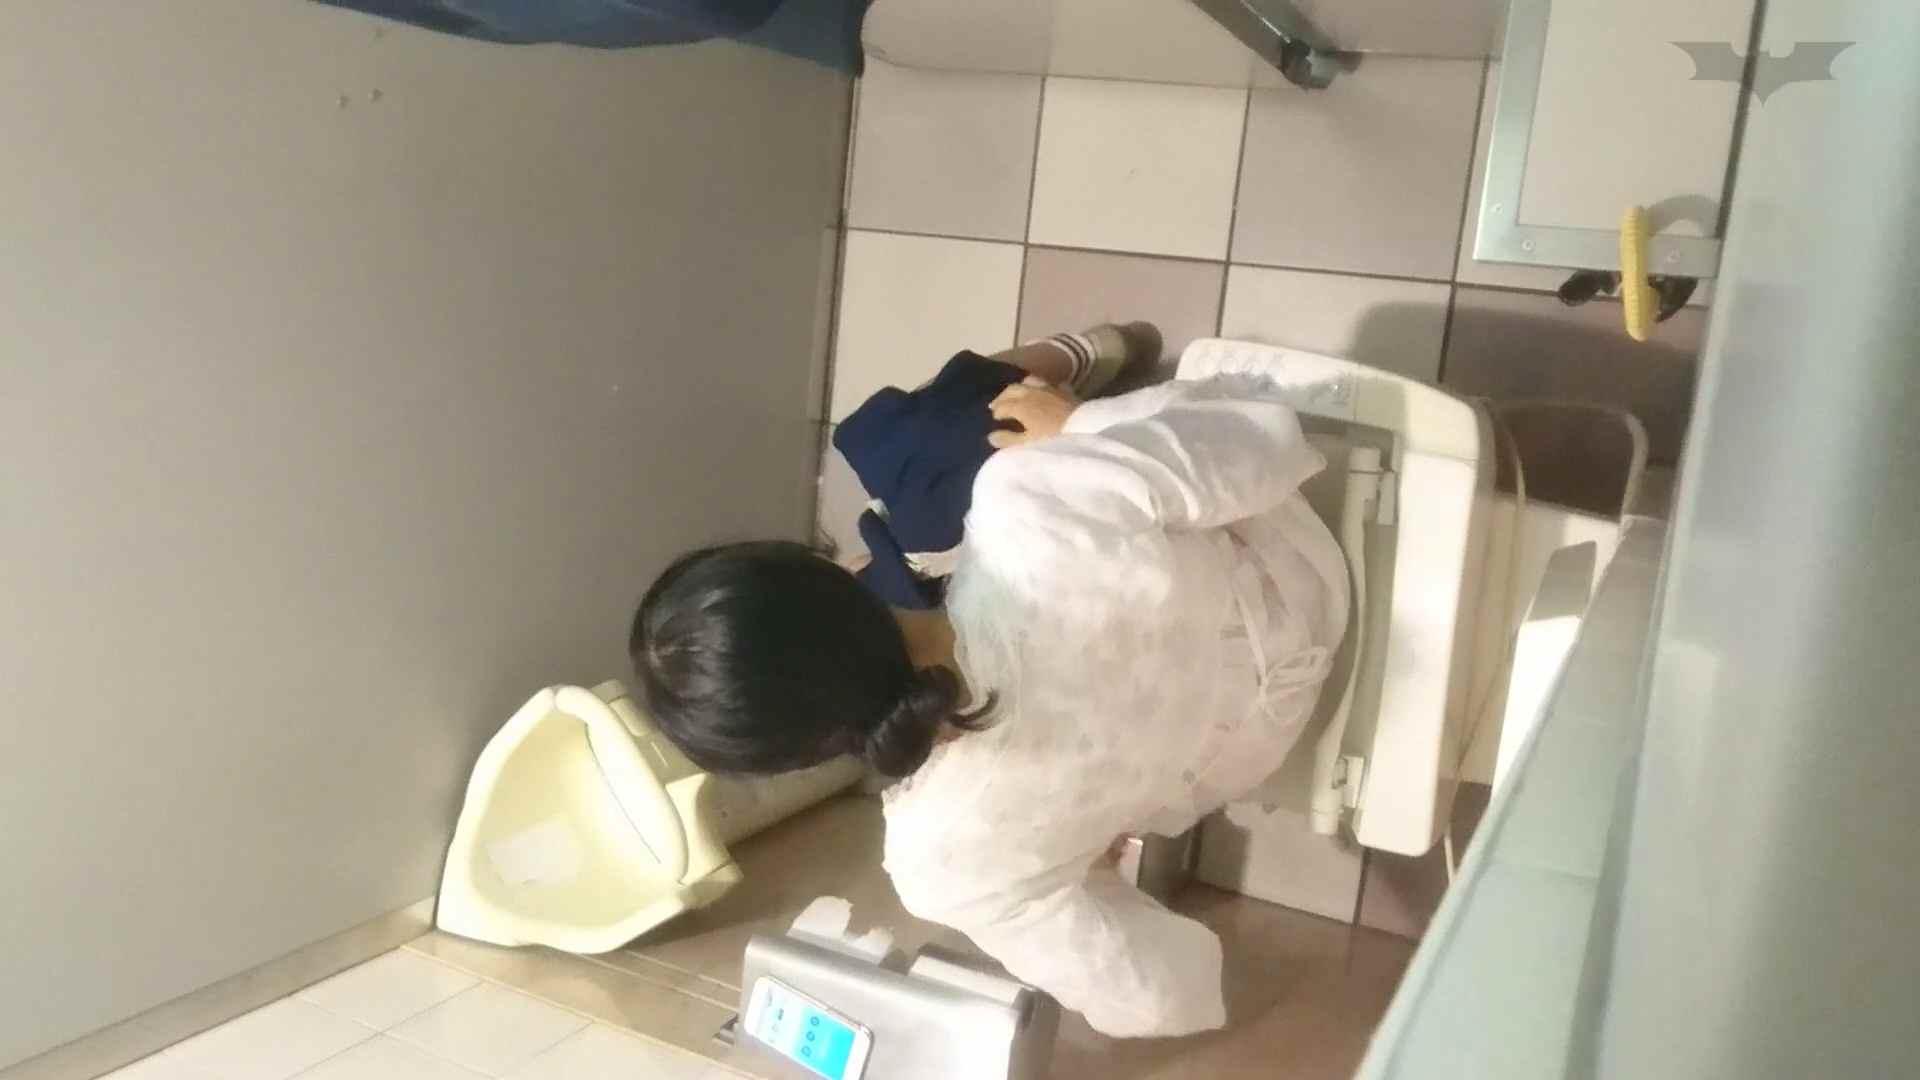 化粧室絵巻 ショッピングモール編 VOL.25 盛合せ われめAV動画紹介 94枚 76